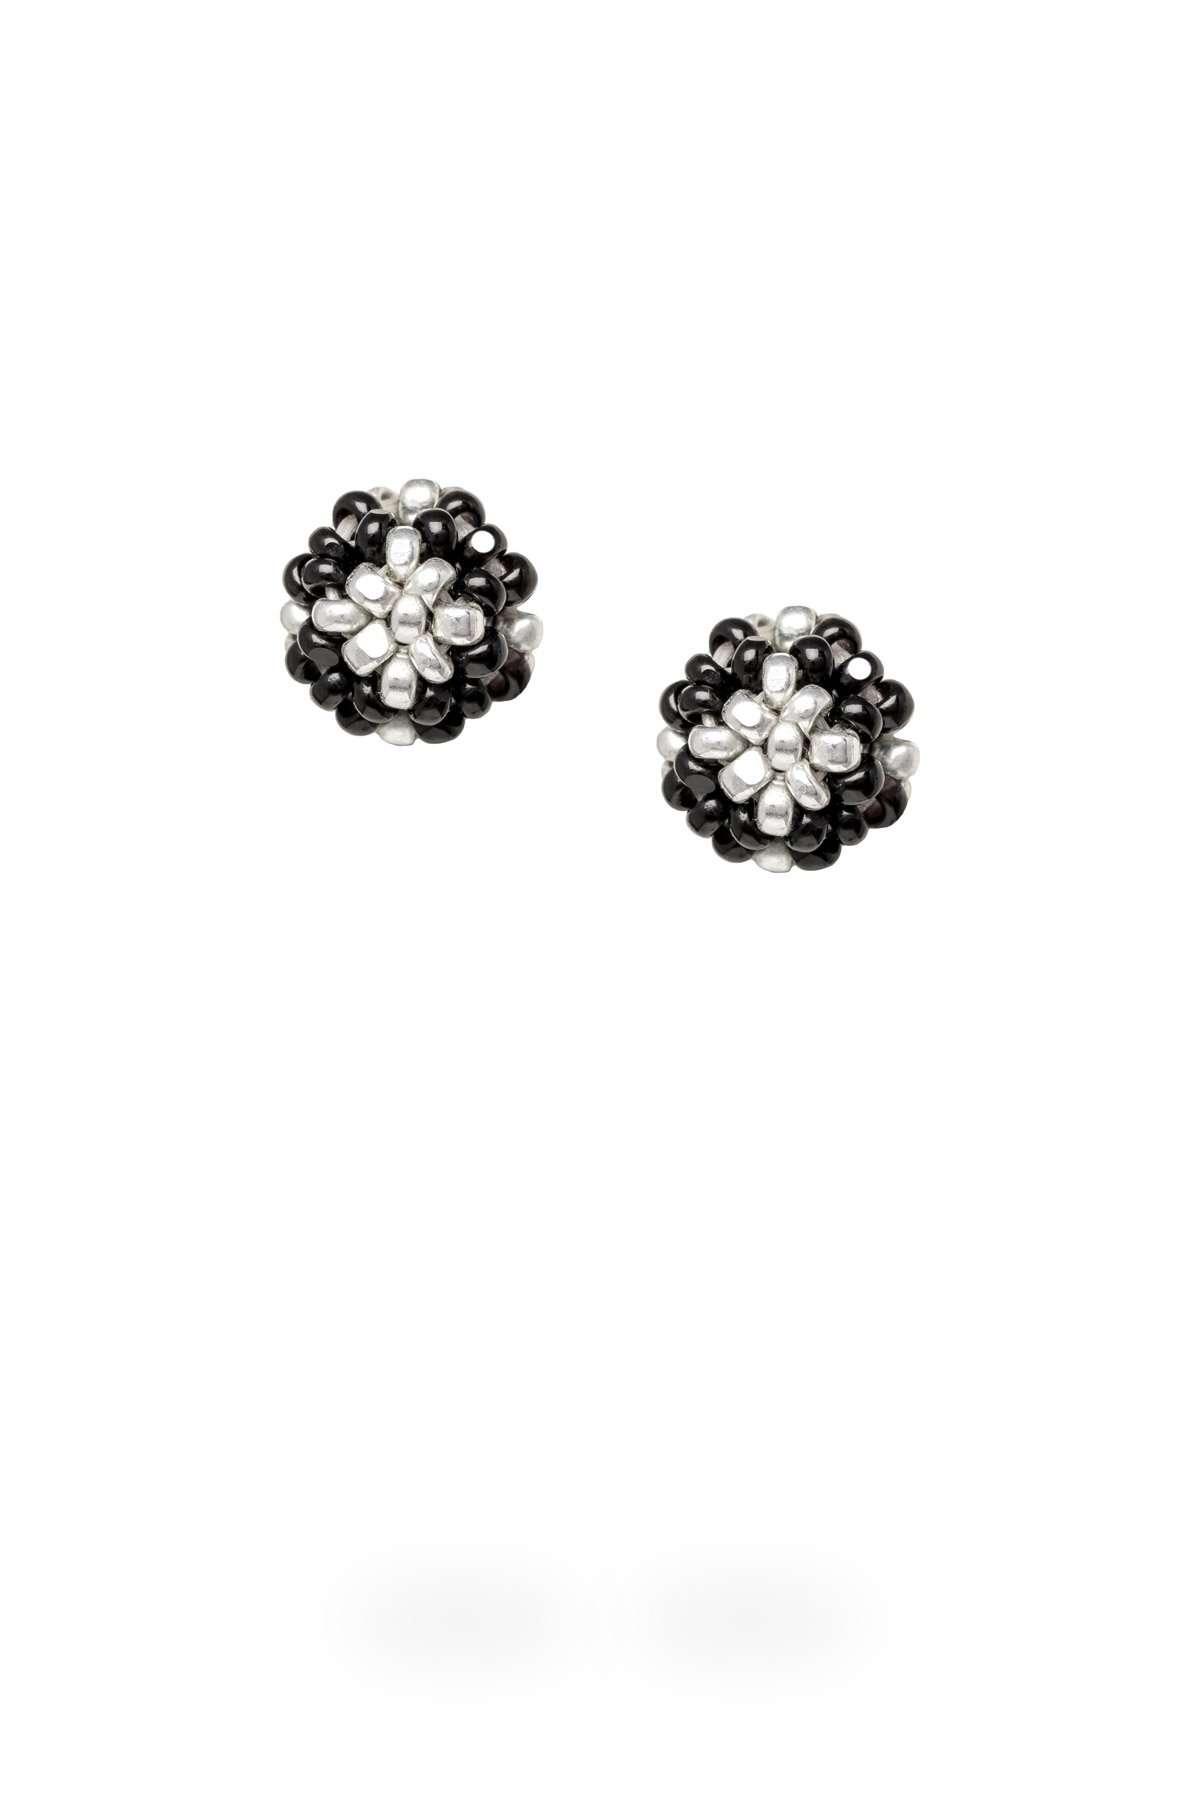 004 aretes kuu ichipe plata cristal negro